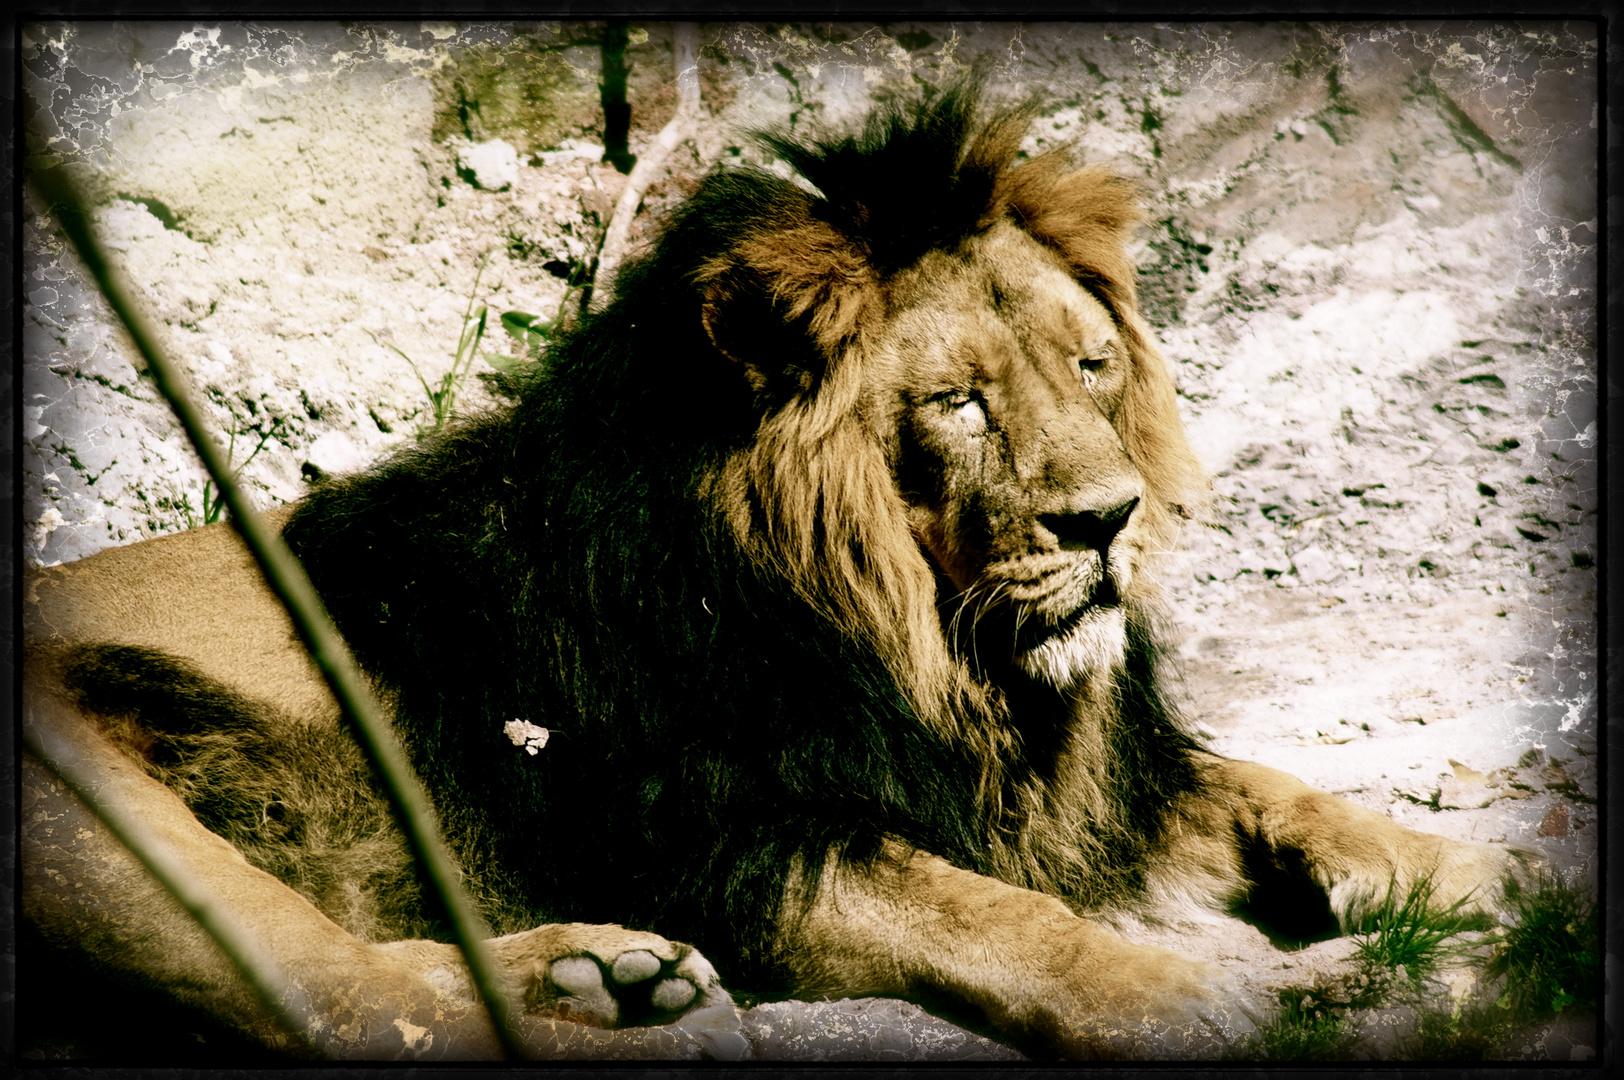 Loveless Lion